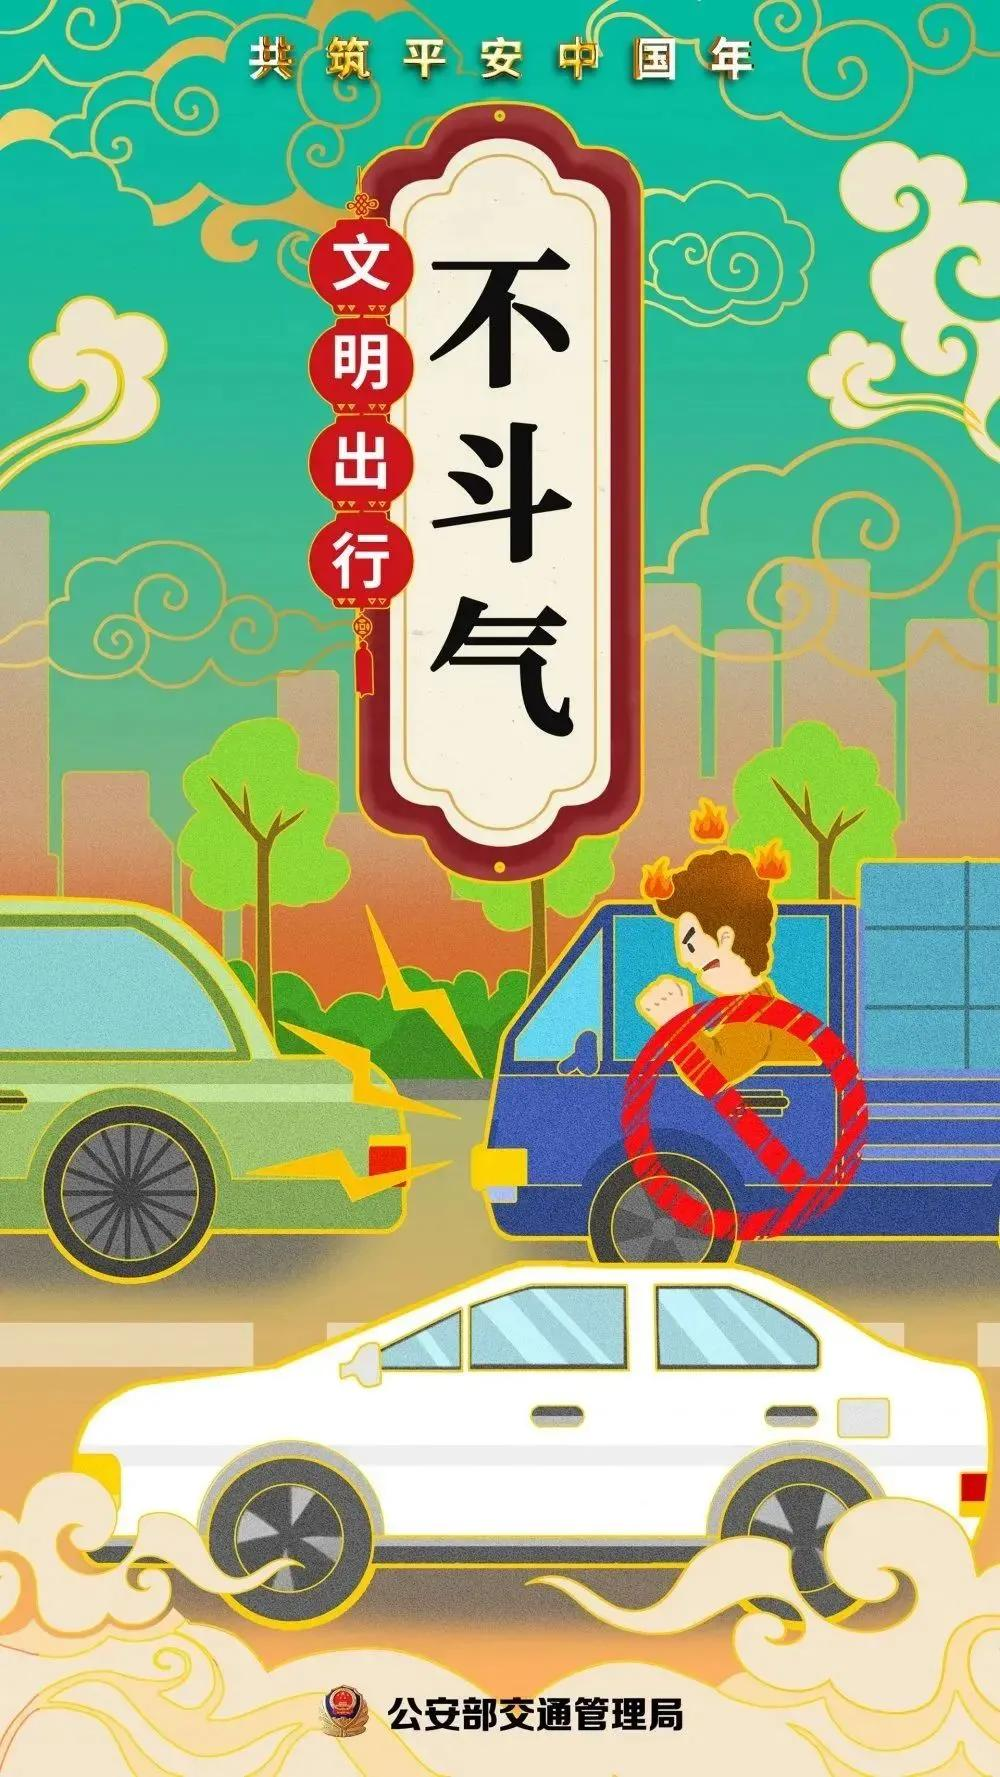 """渠县公安局交通警察大队发布春节出行""""避堵""""秘籍,建议合理选择出行线路"""